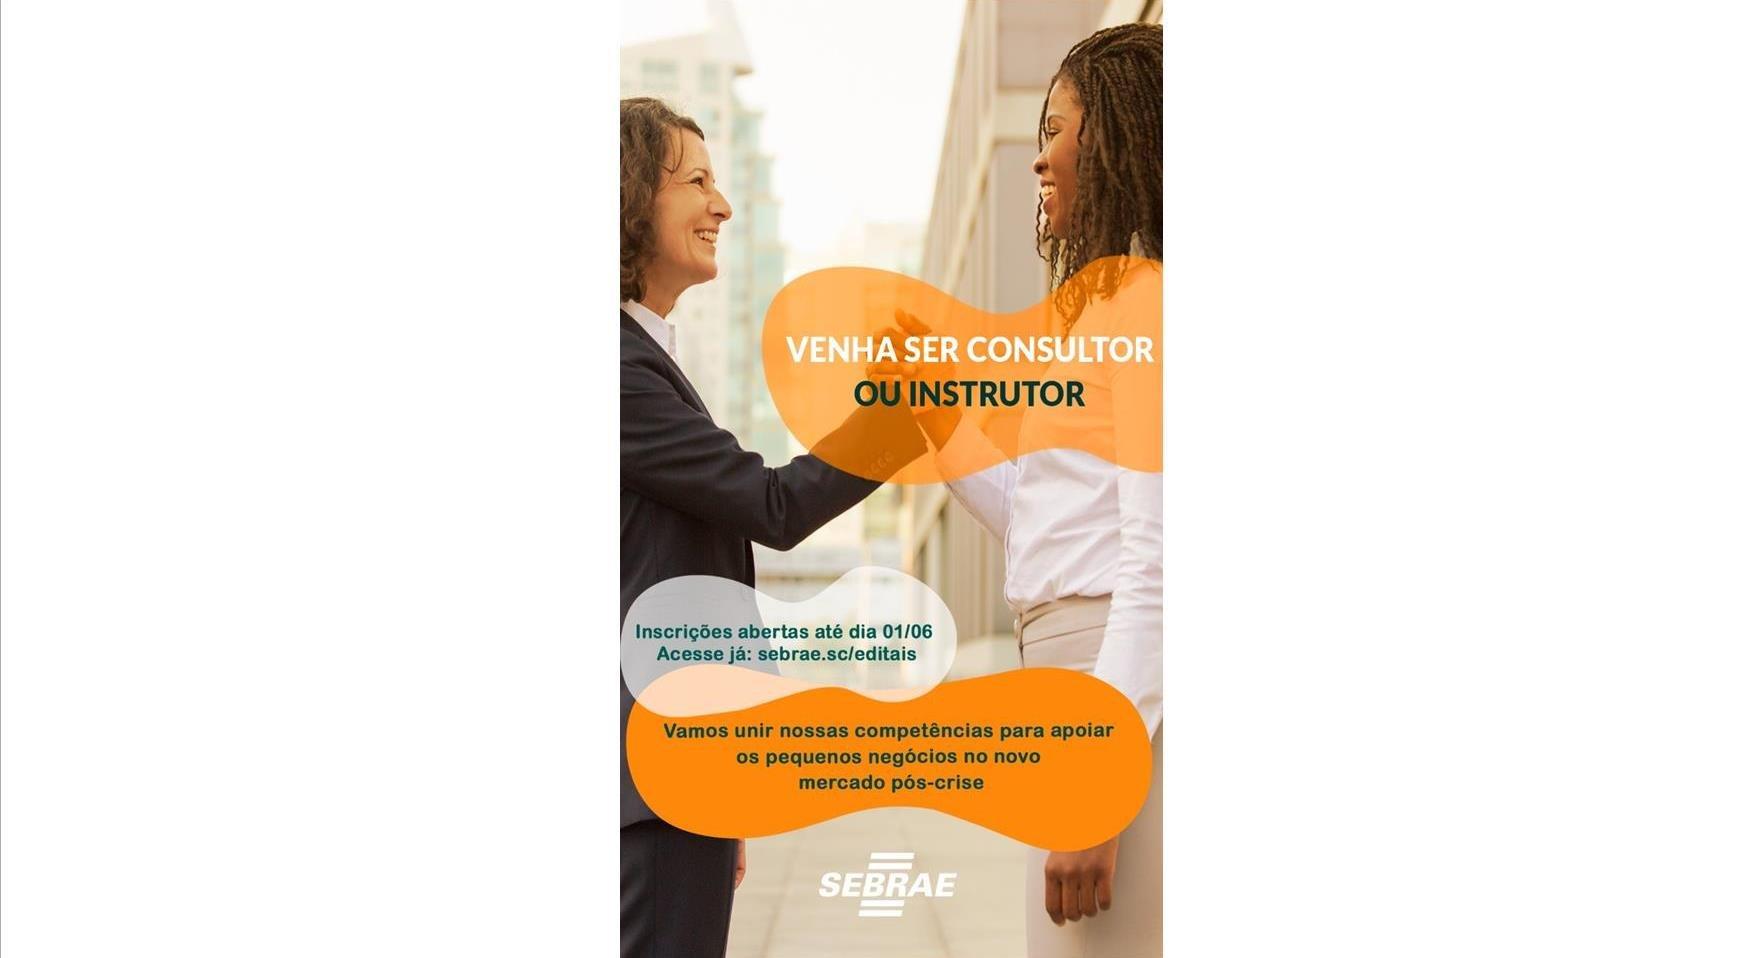 Sebrae/SC abre edital de credenciamento para contratação de Pessoa Jurídica